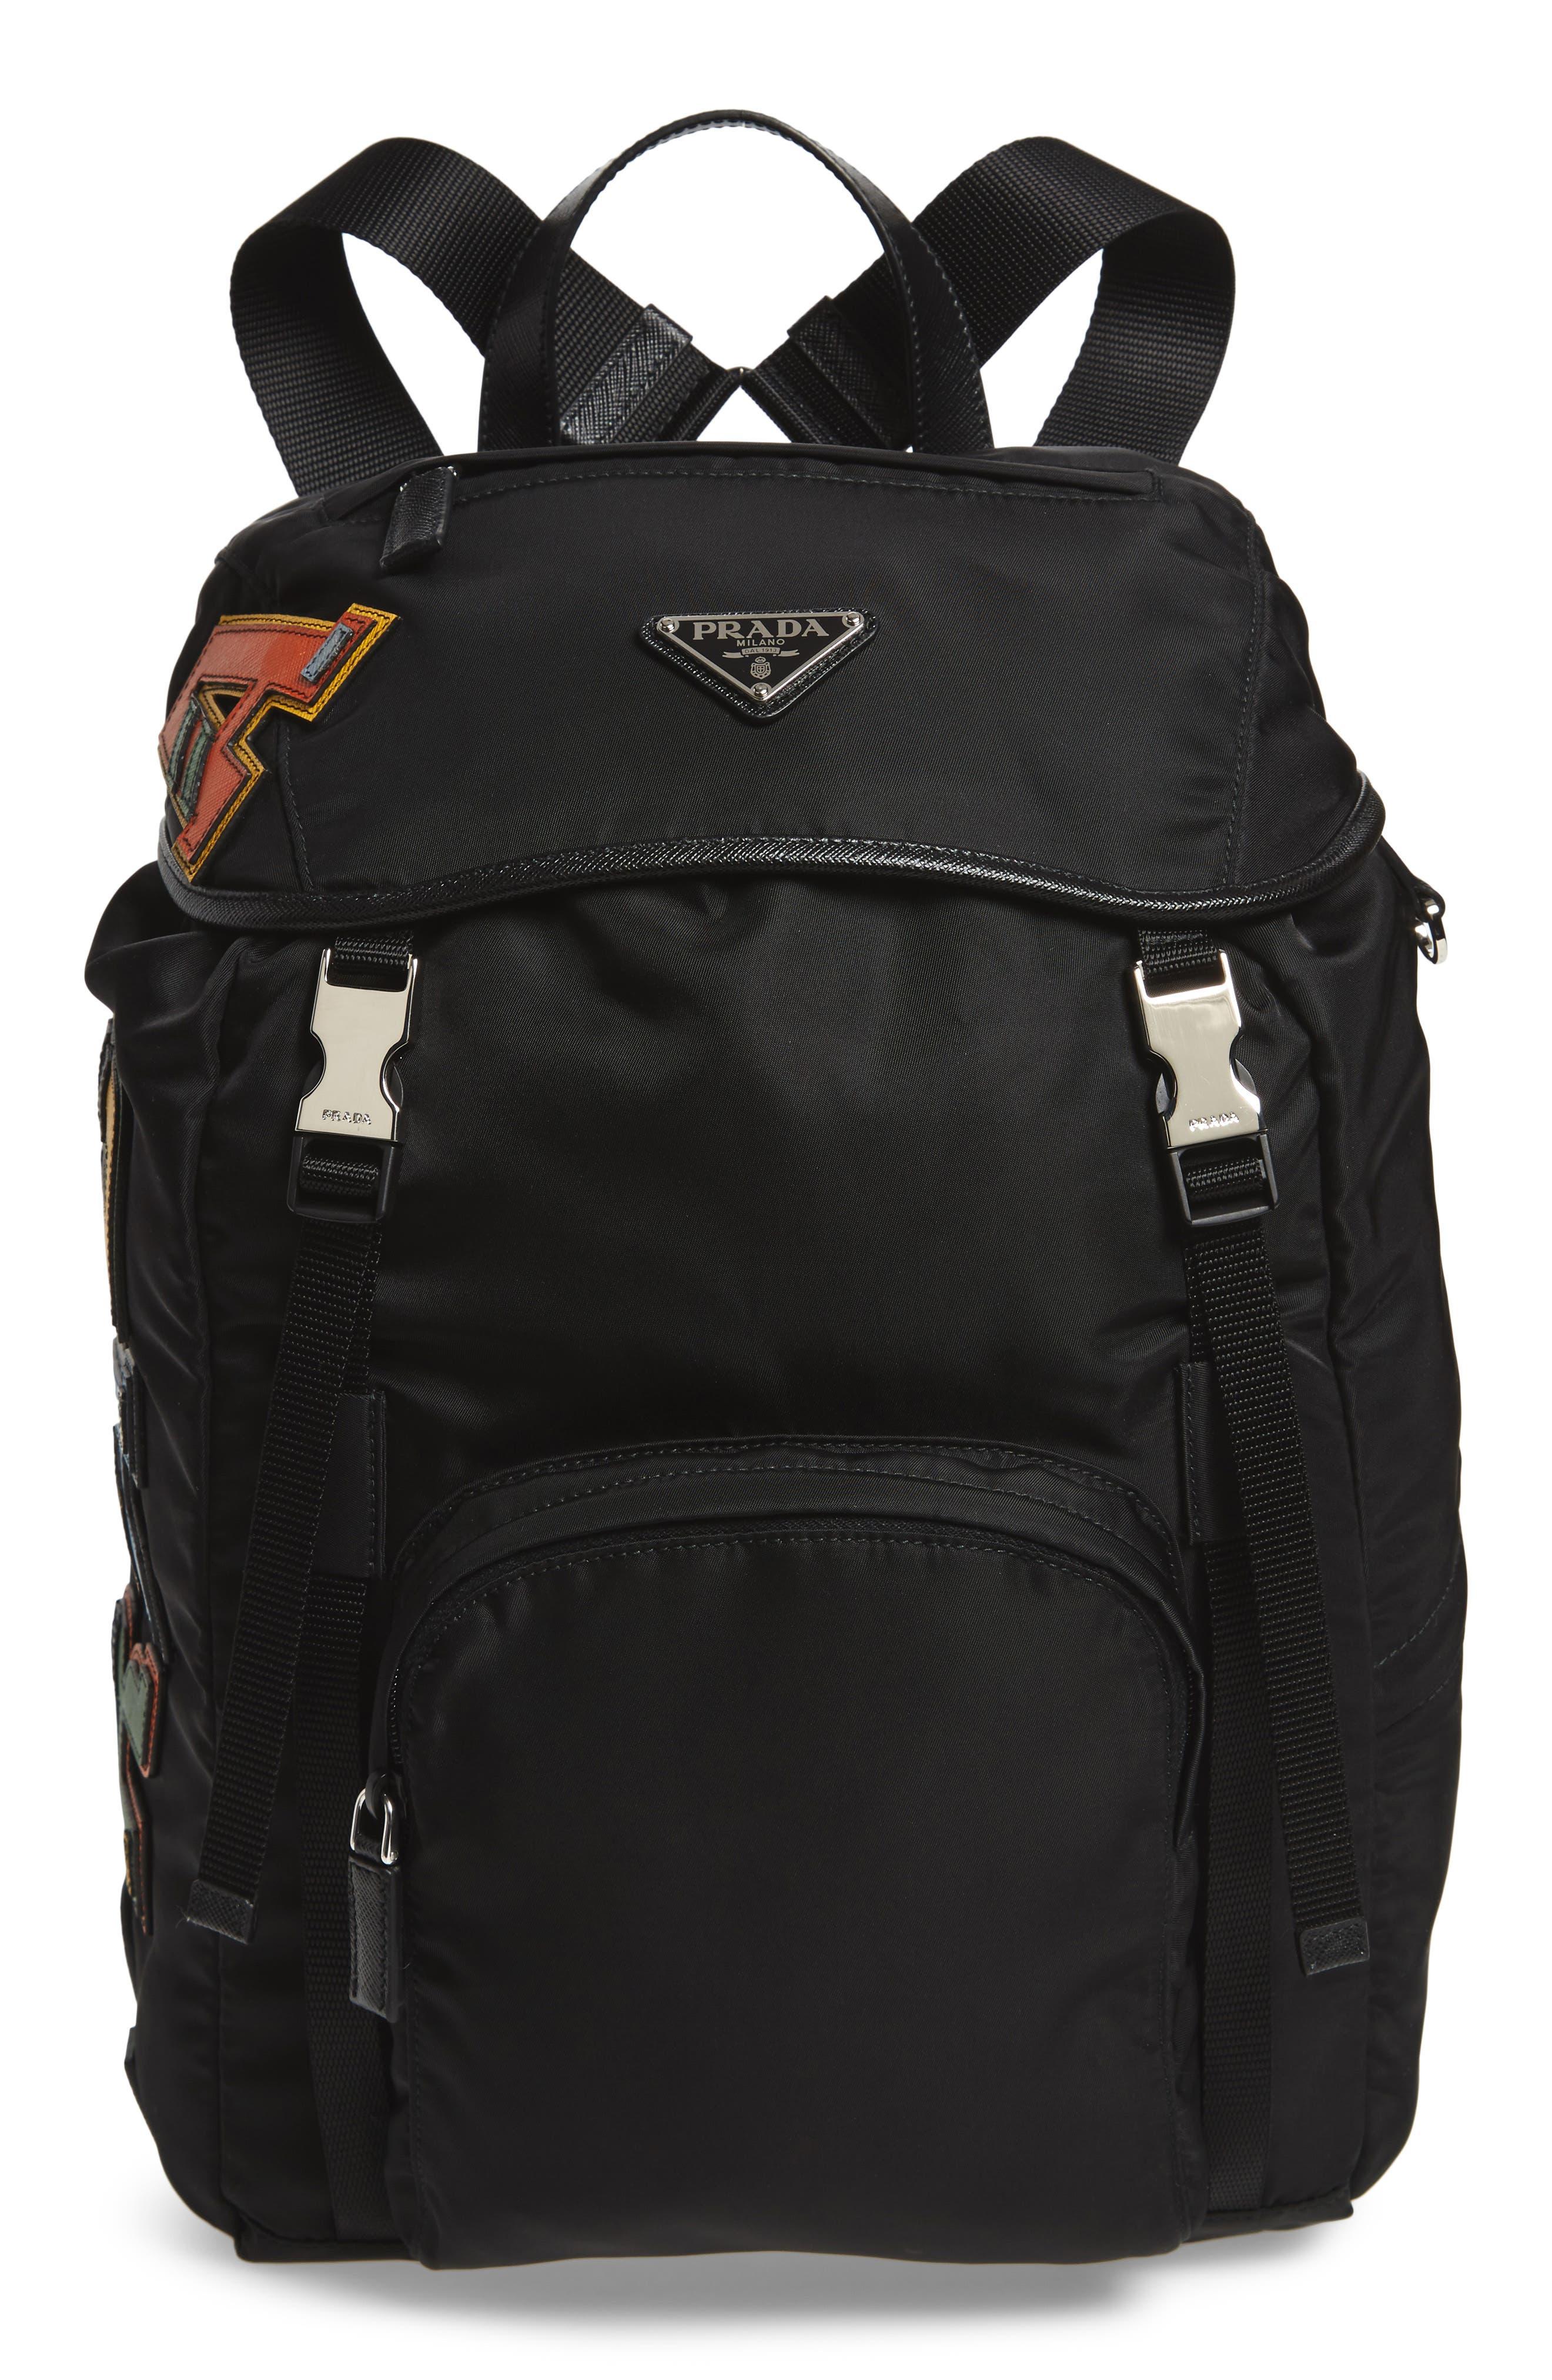 PRADA Tessuto Lettering Unisex Nylon Backpack, Main, color, 001